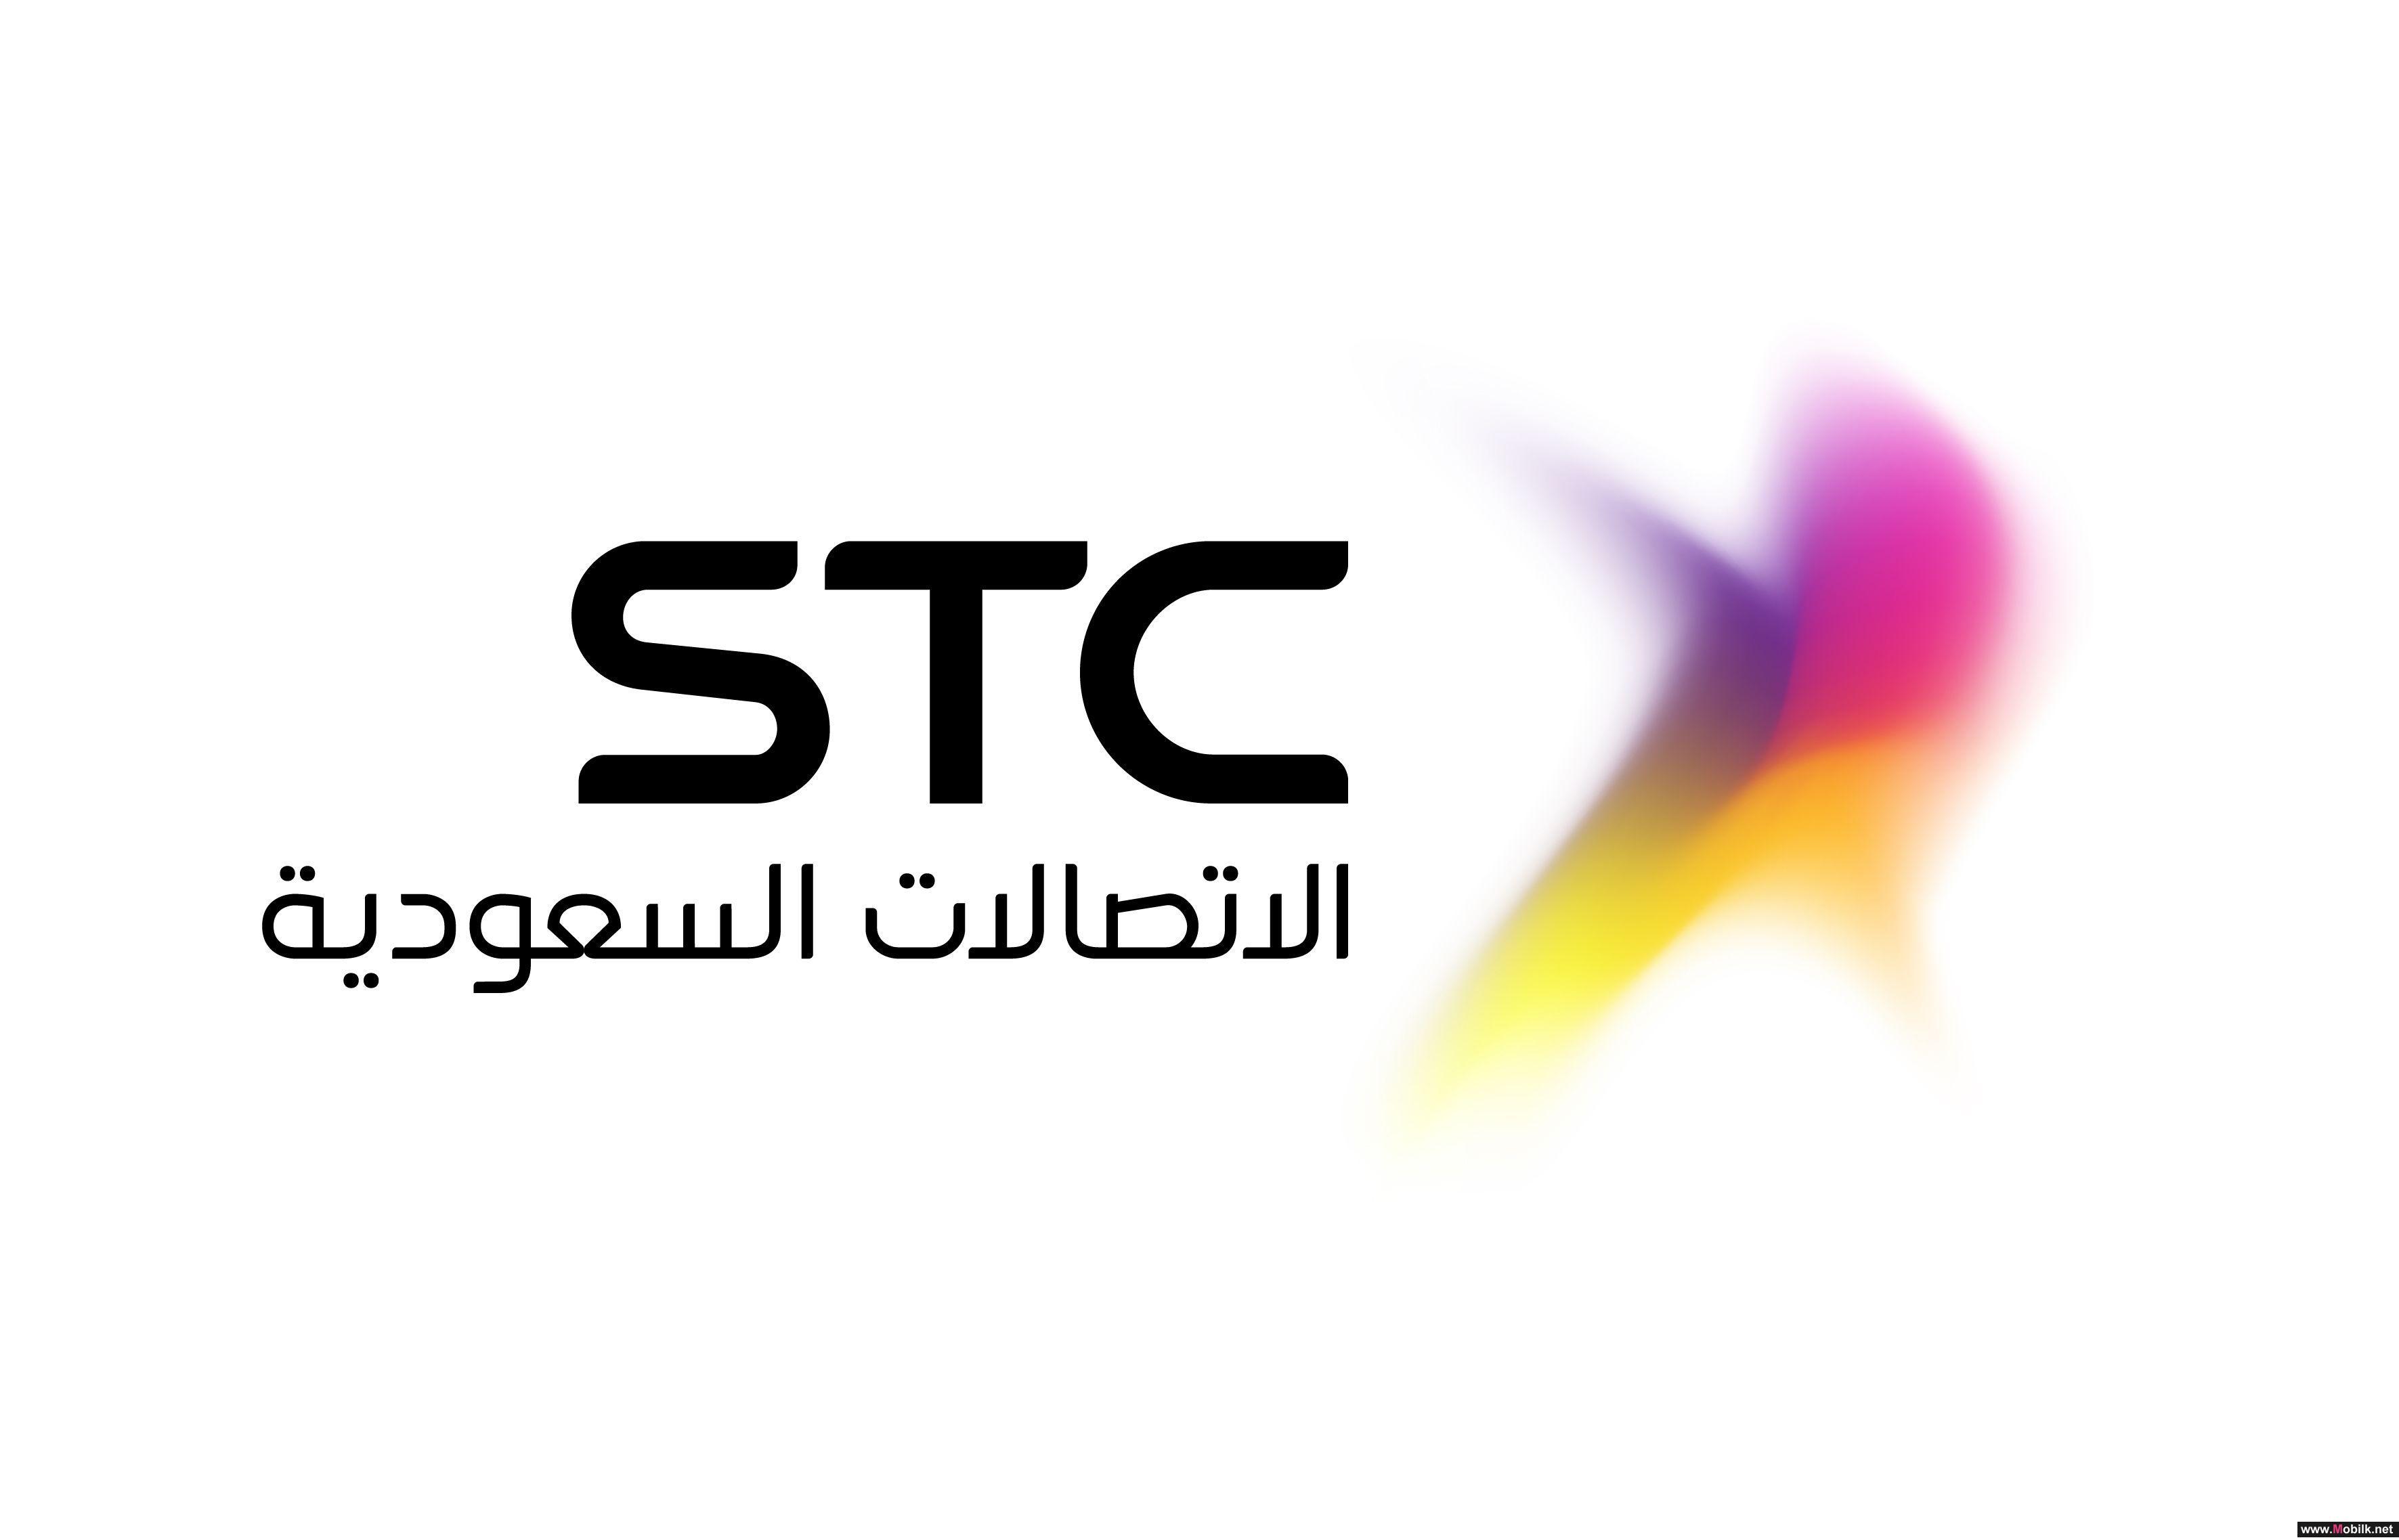 اتفاقية لتعزيز الاستثمار في تحليل البيانات والذكاء الاصطناعي بين STC و Unifonic